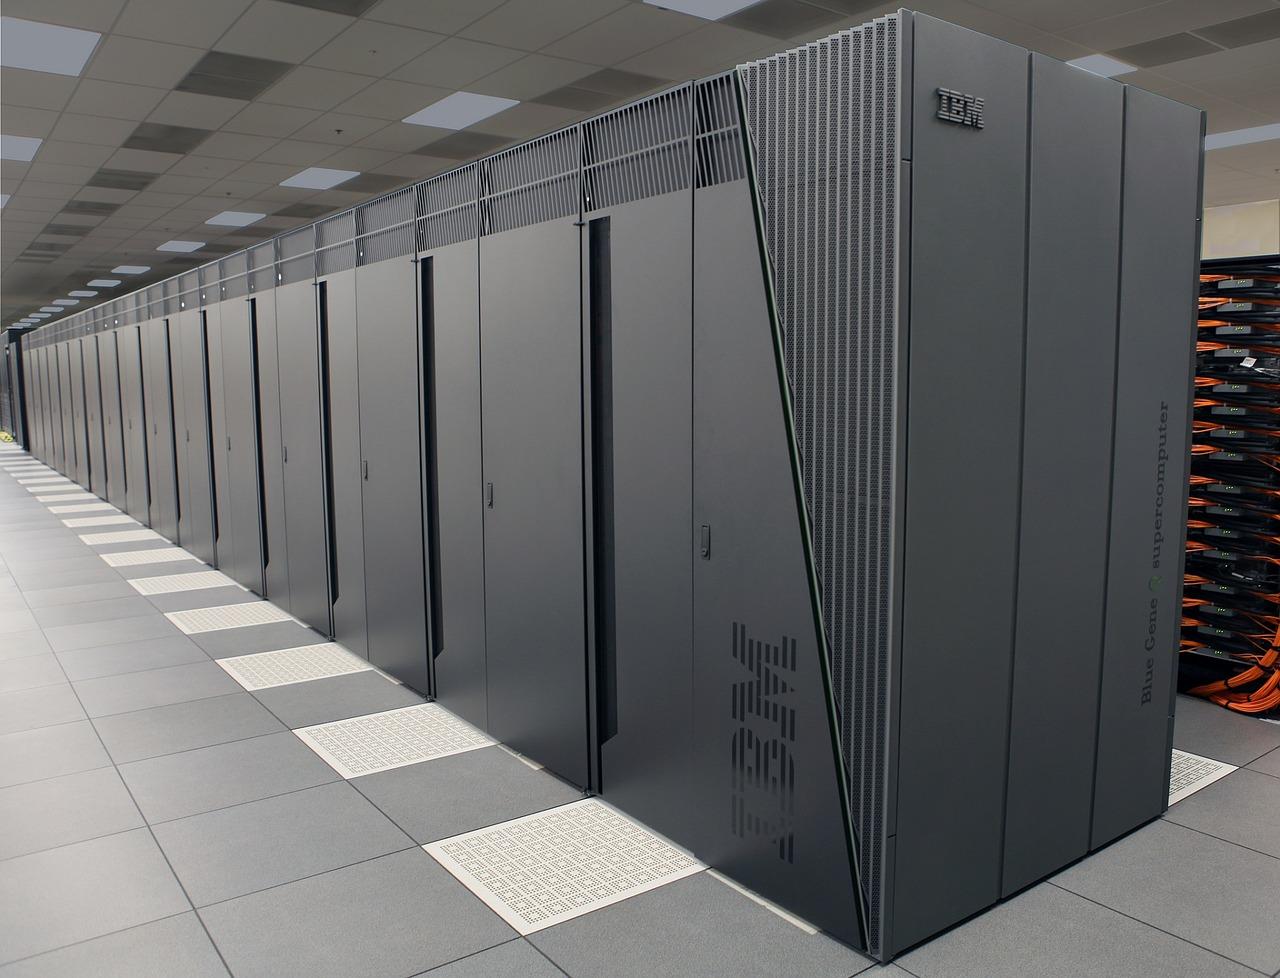 Un gran avance en la memoria de los ordenadores